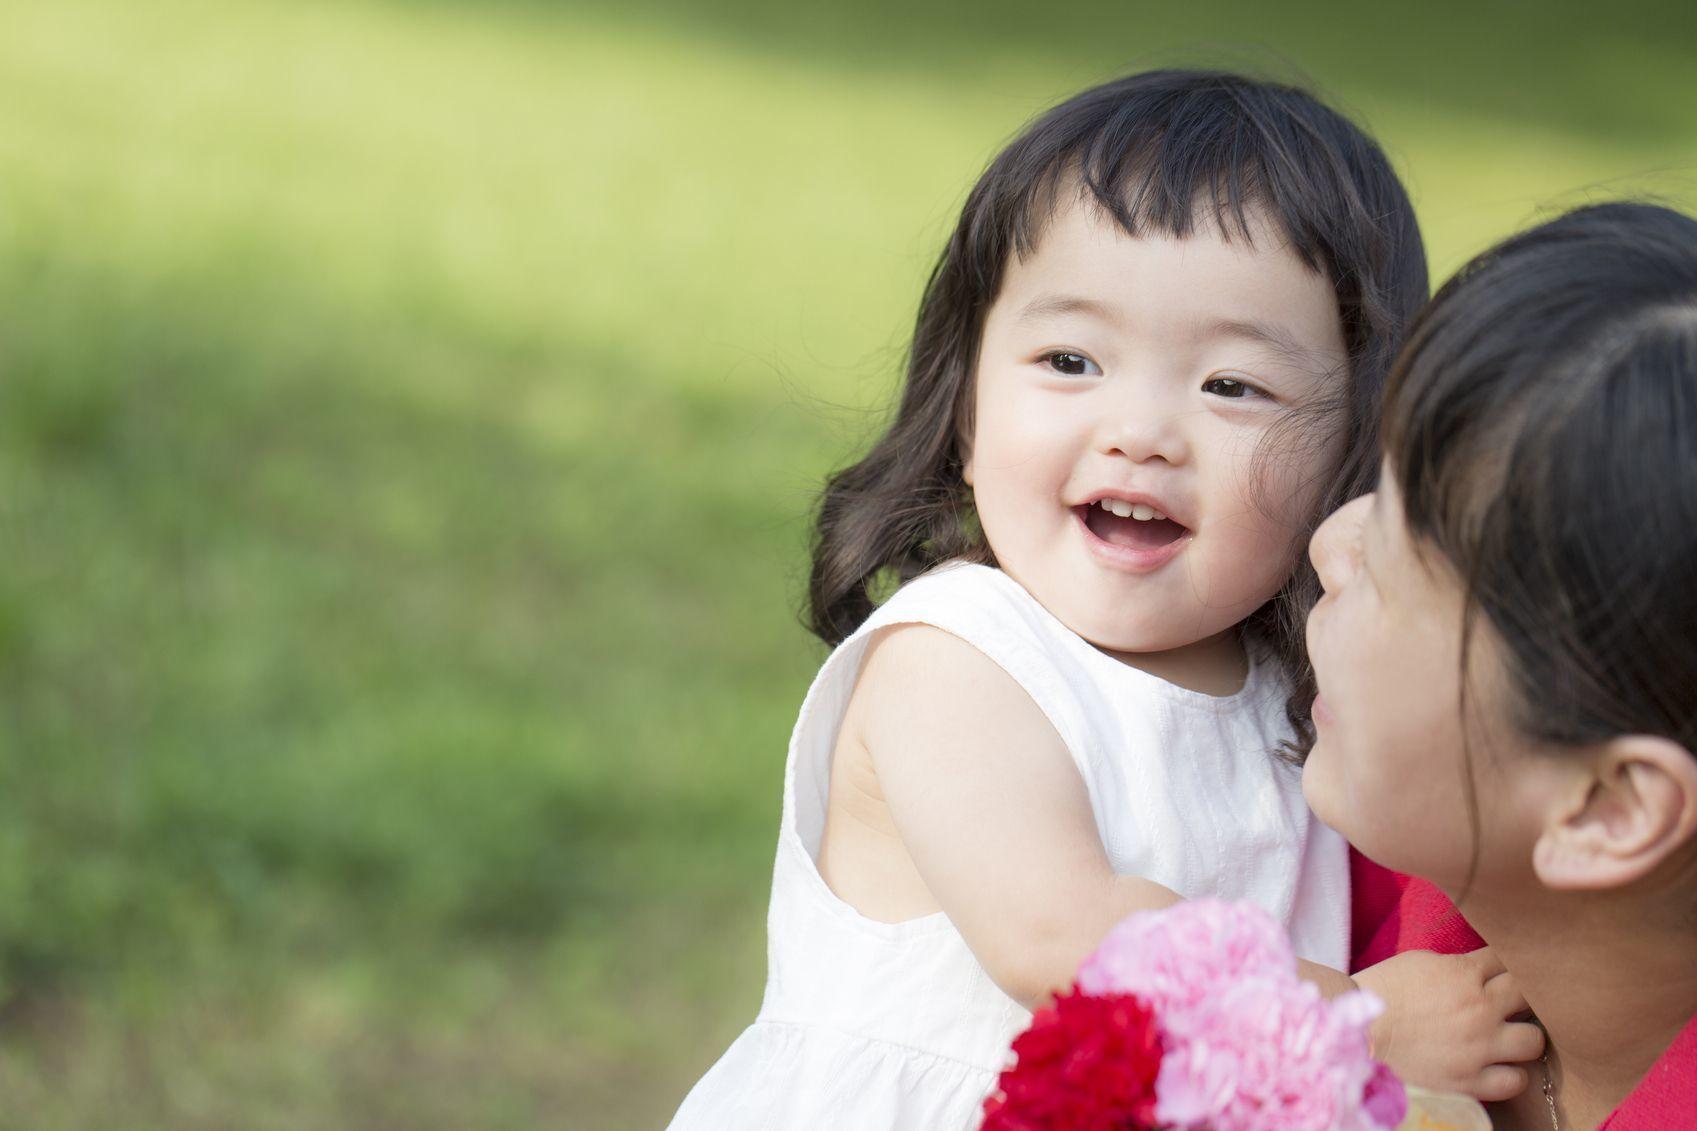 妊娠中・産後に使える!おすすめの育毛剤ランキング6選